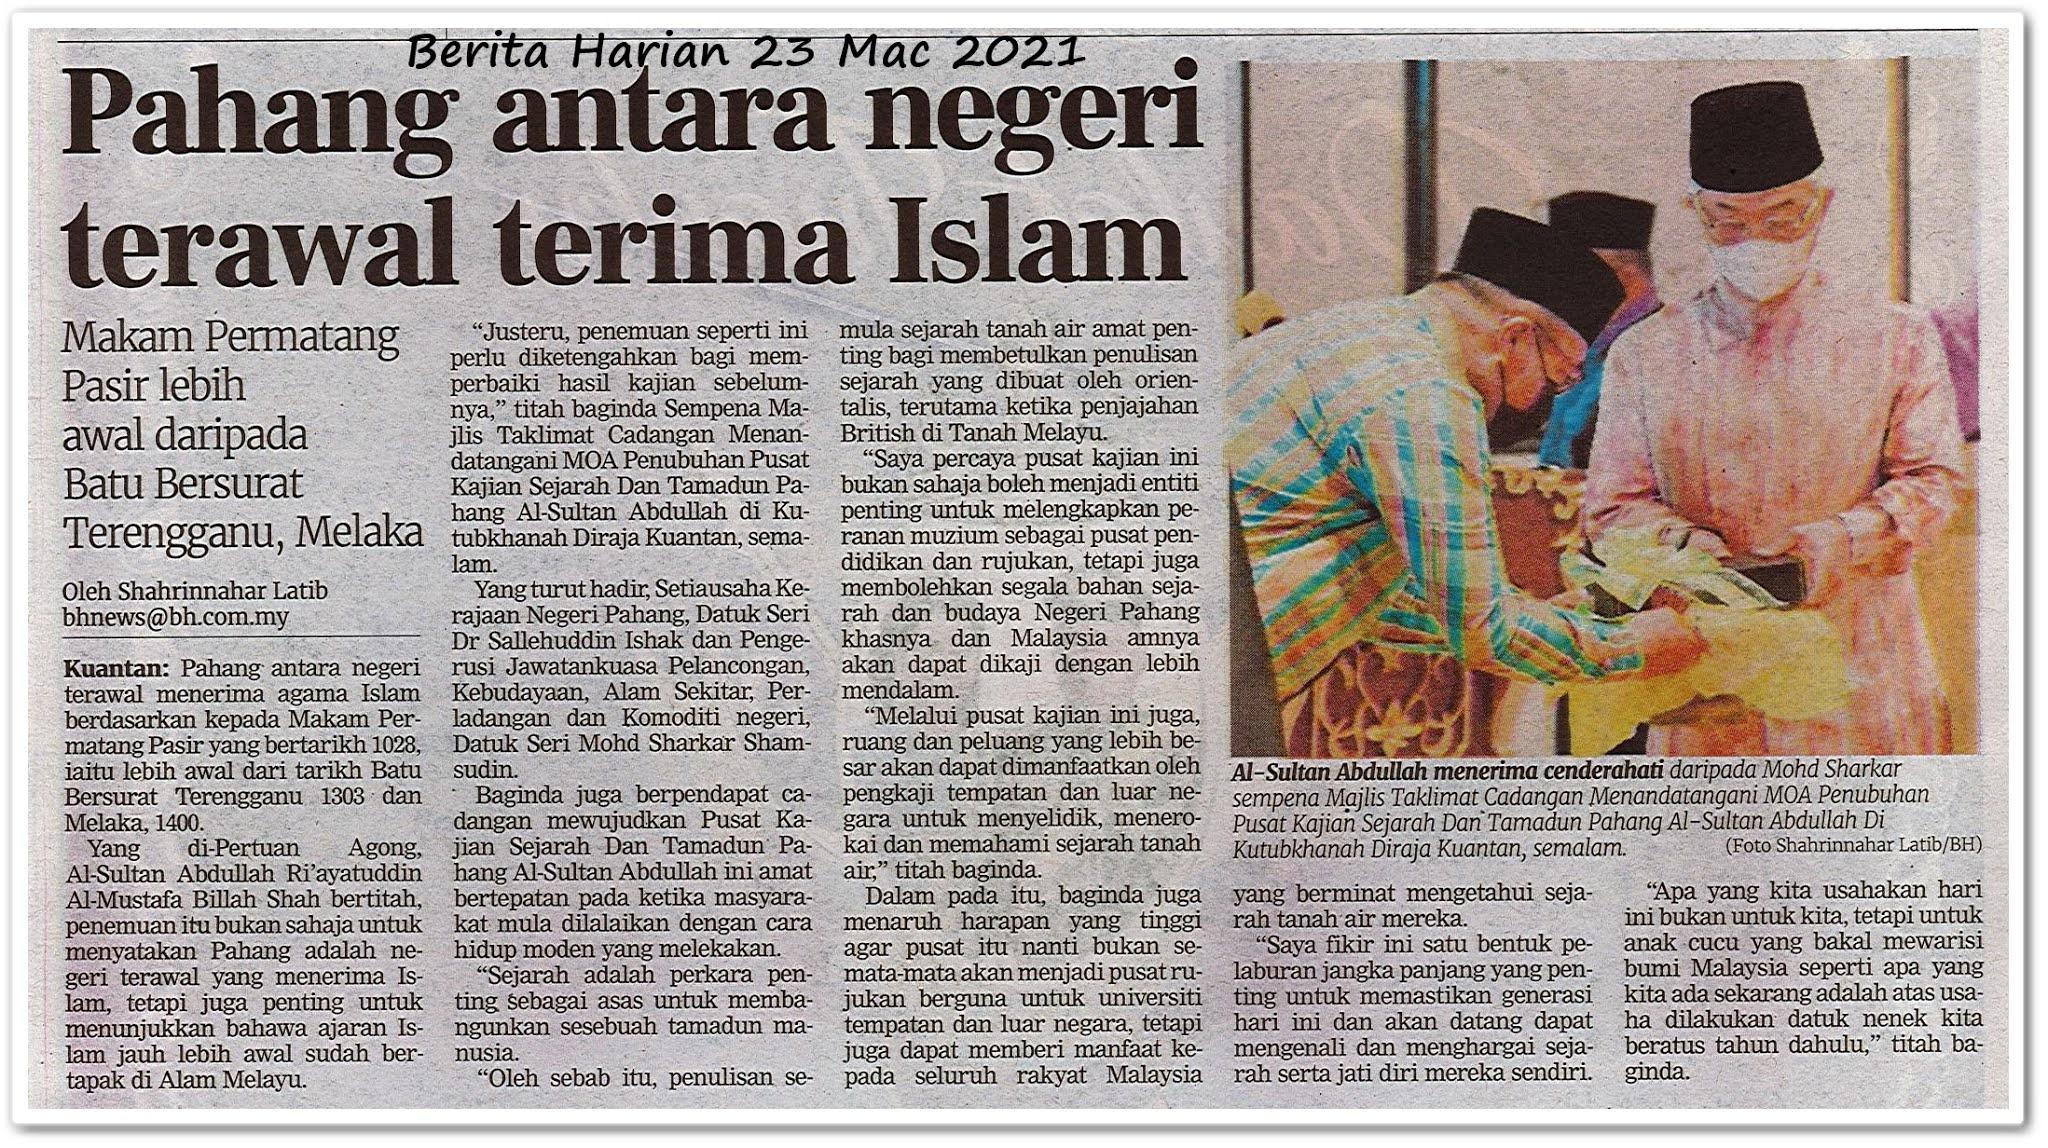 Pahang antara negeri terawal terima Islam - Keratan akhbar Berita Harian 23 Mac 2021